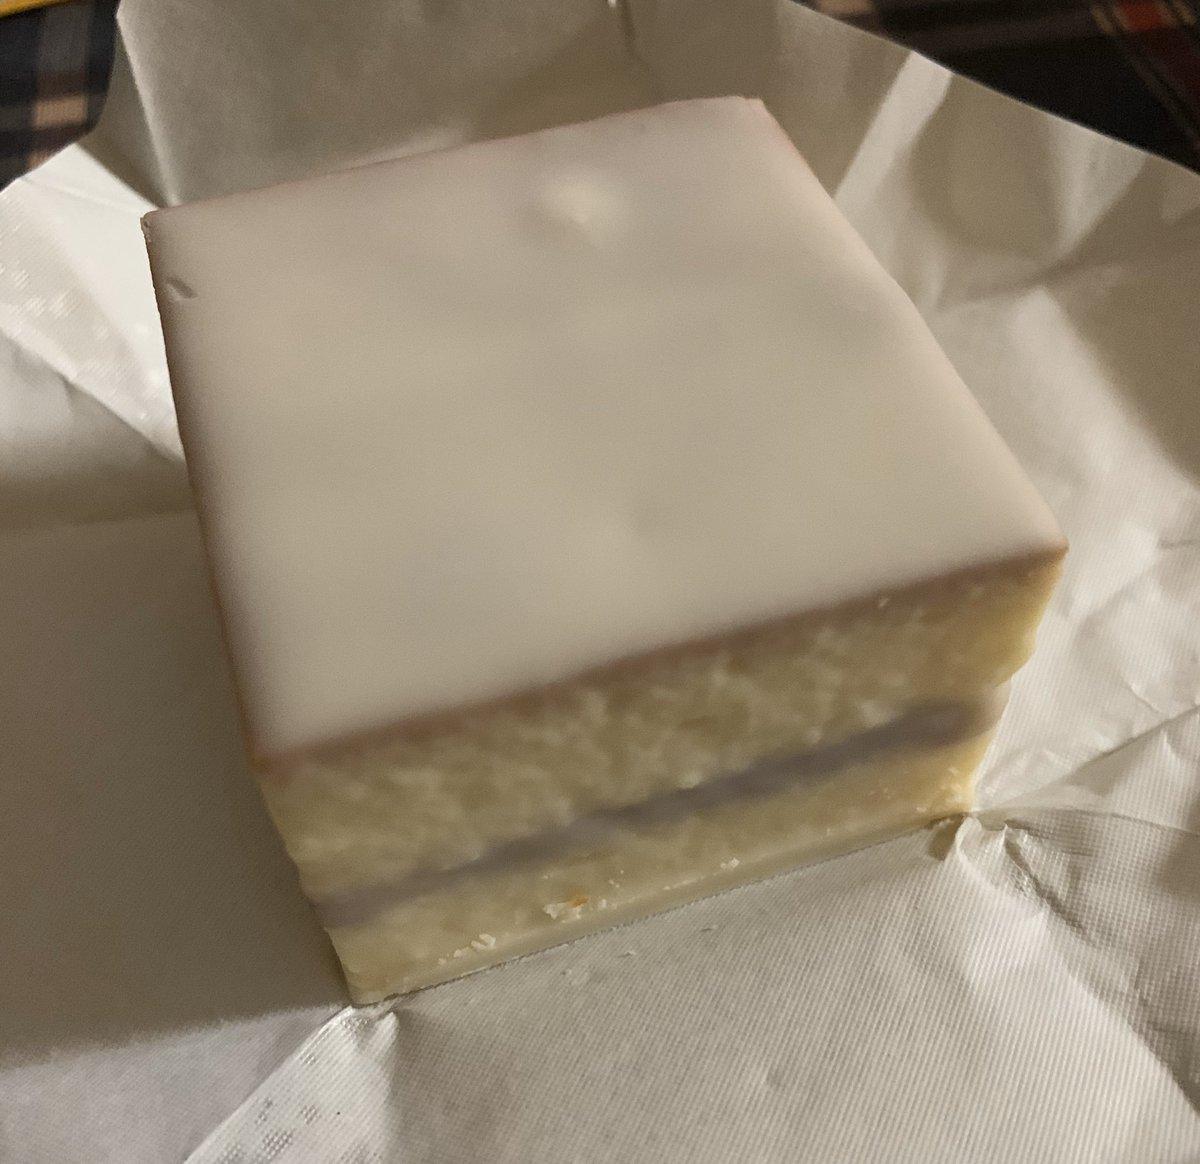 test ツイッターメディア - なつかしい鈴屋のデラックスケーキ。 箱もレトロ。 食べると脳内が小学生に戻るよ。  そして恐るべきカロリー(100グラム500キロカロリー超) https://t.co/lHW9AbimBP